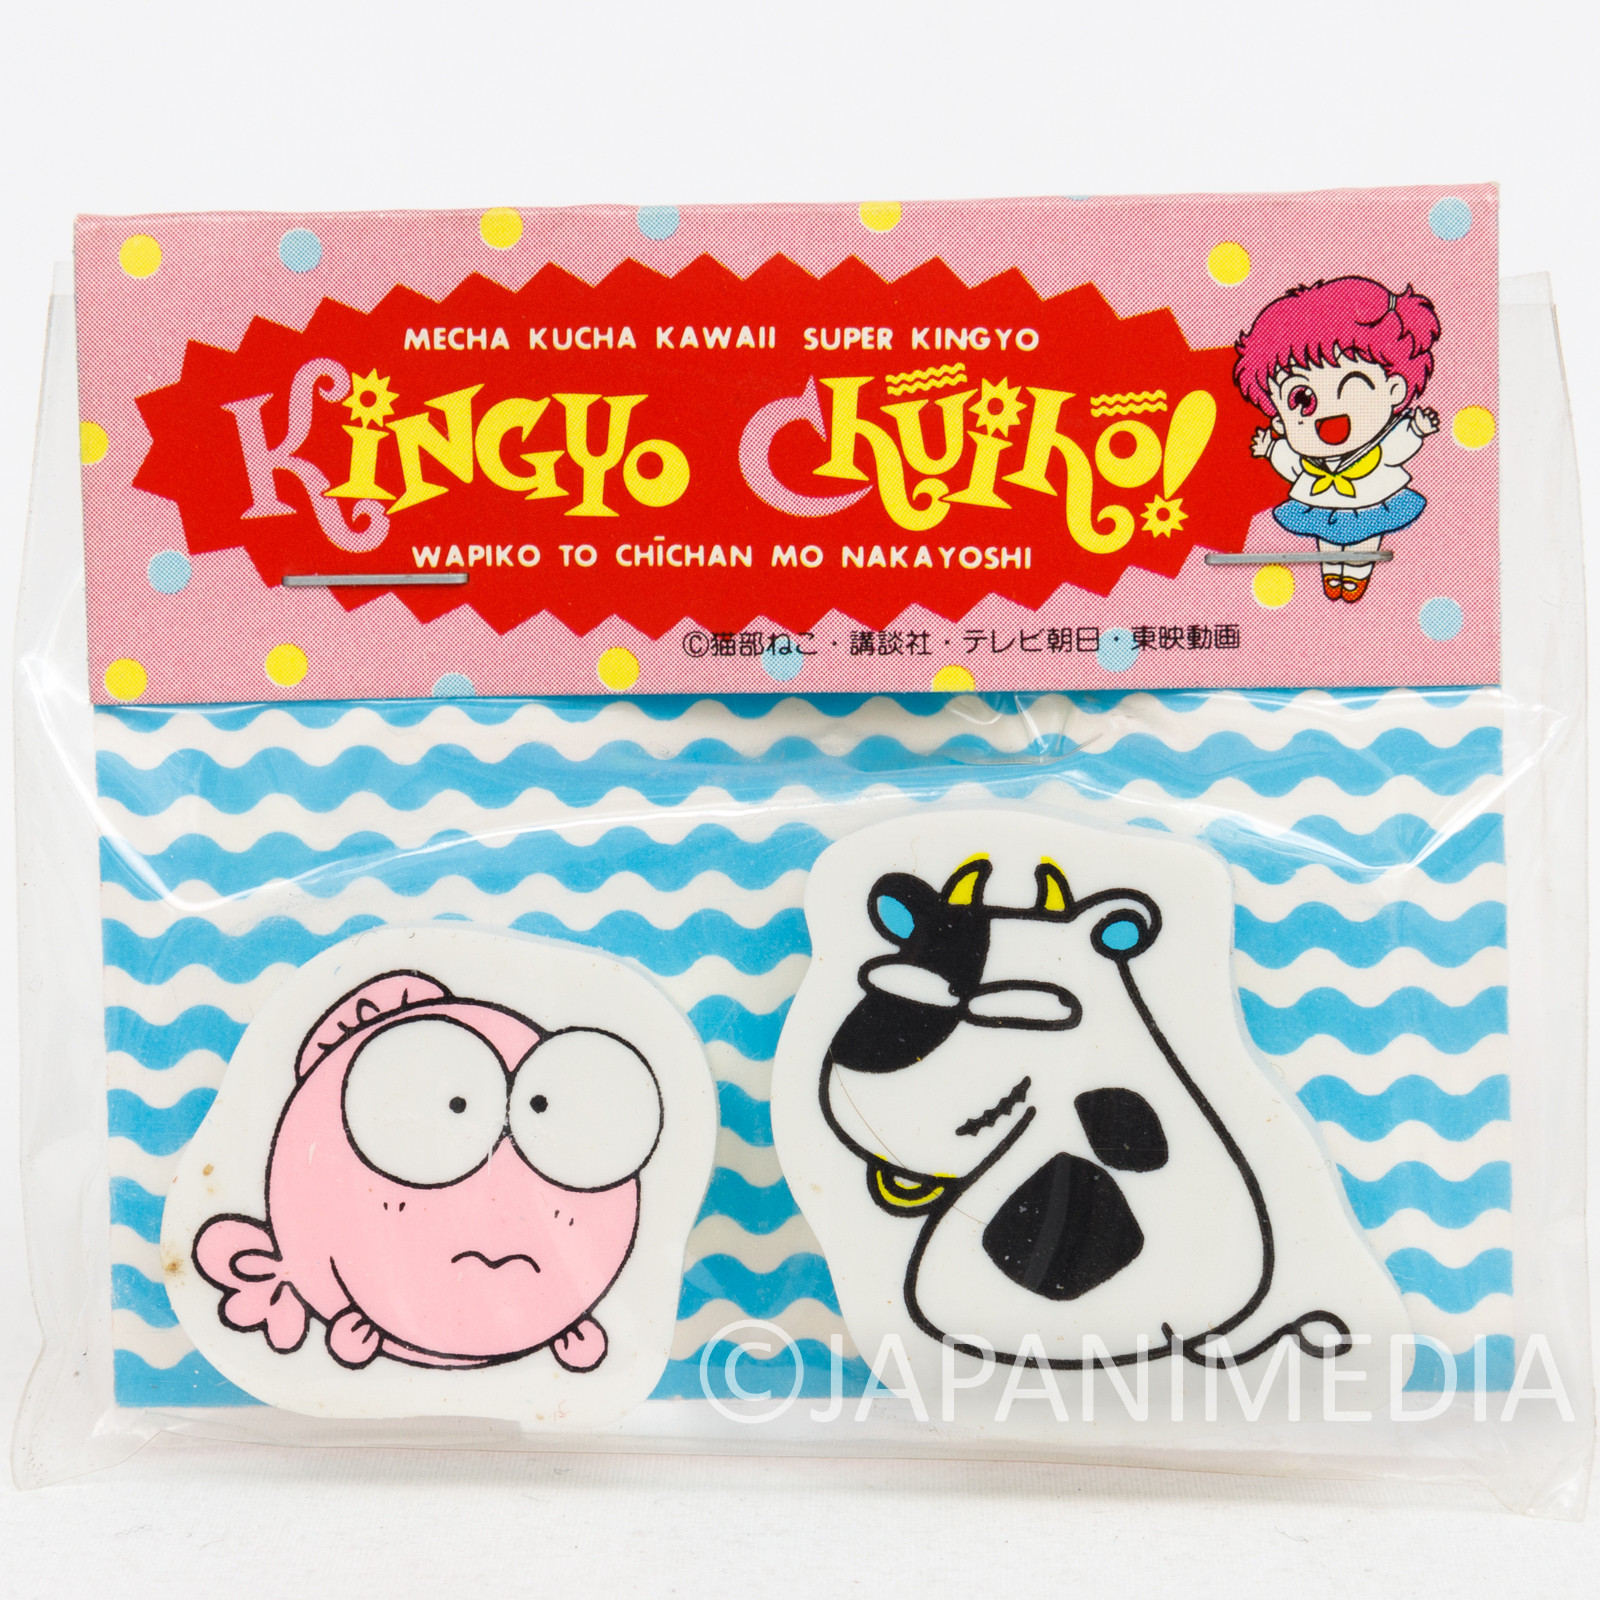 RARE! Goldfish Warning! Gyopi-chan & Bad Cow Eraser Set JAPAN ANIME MANGA